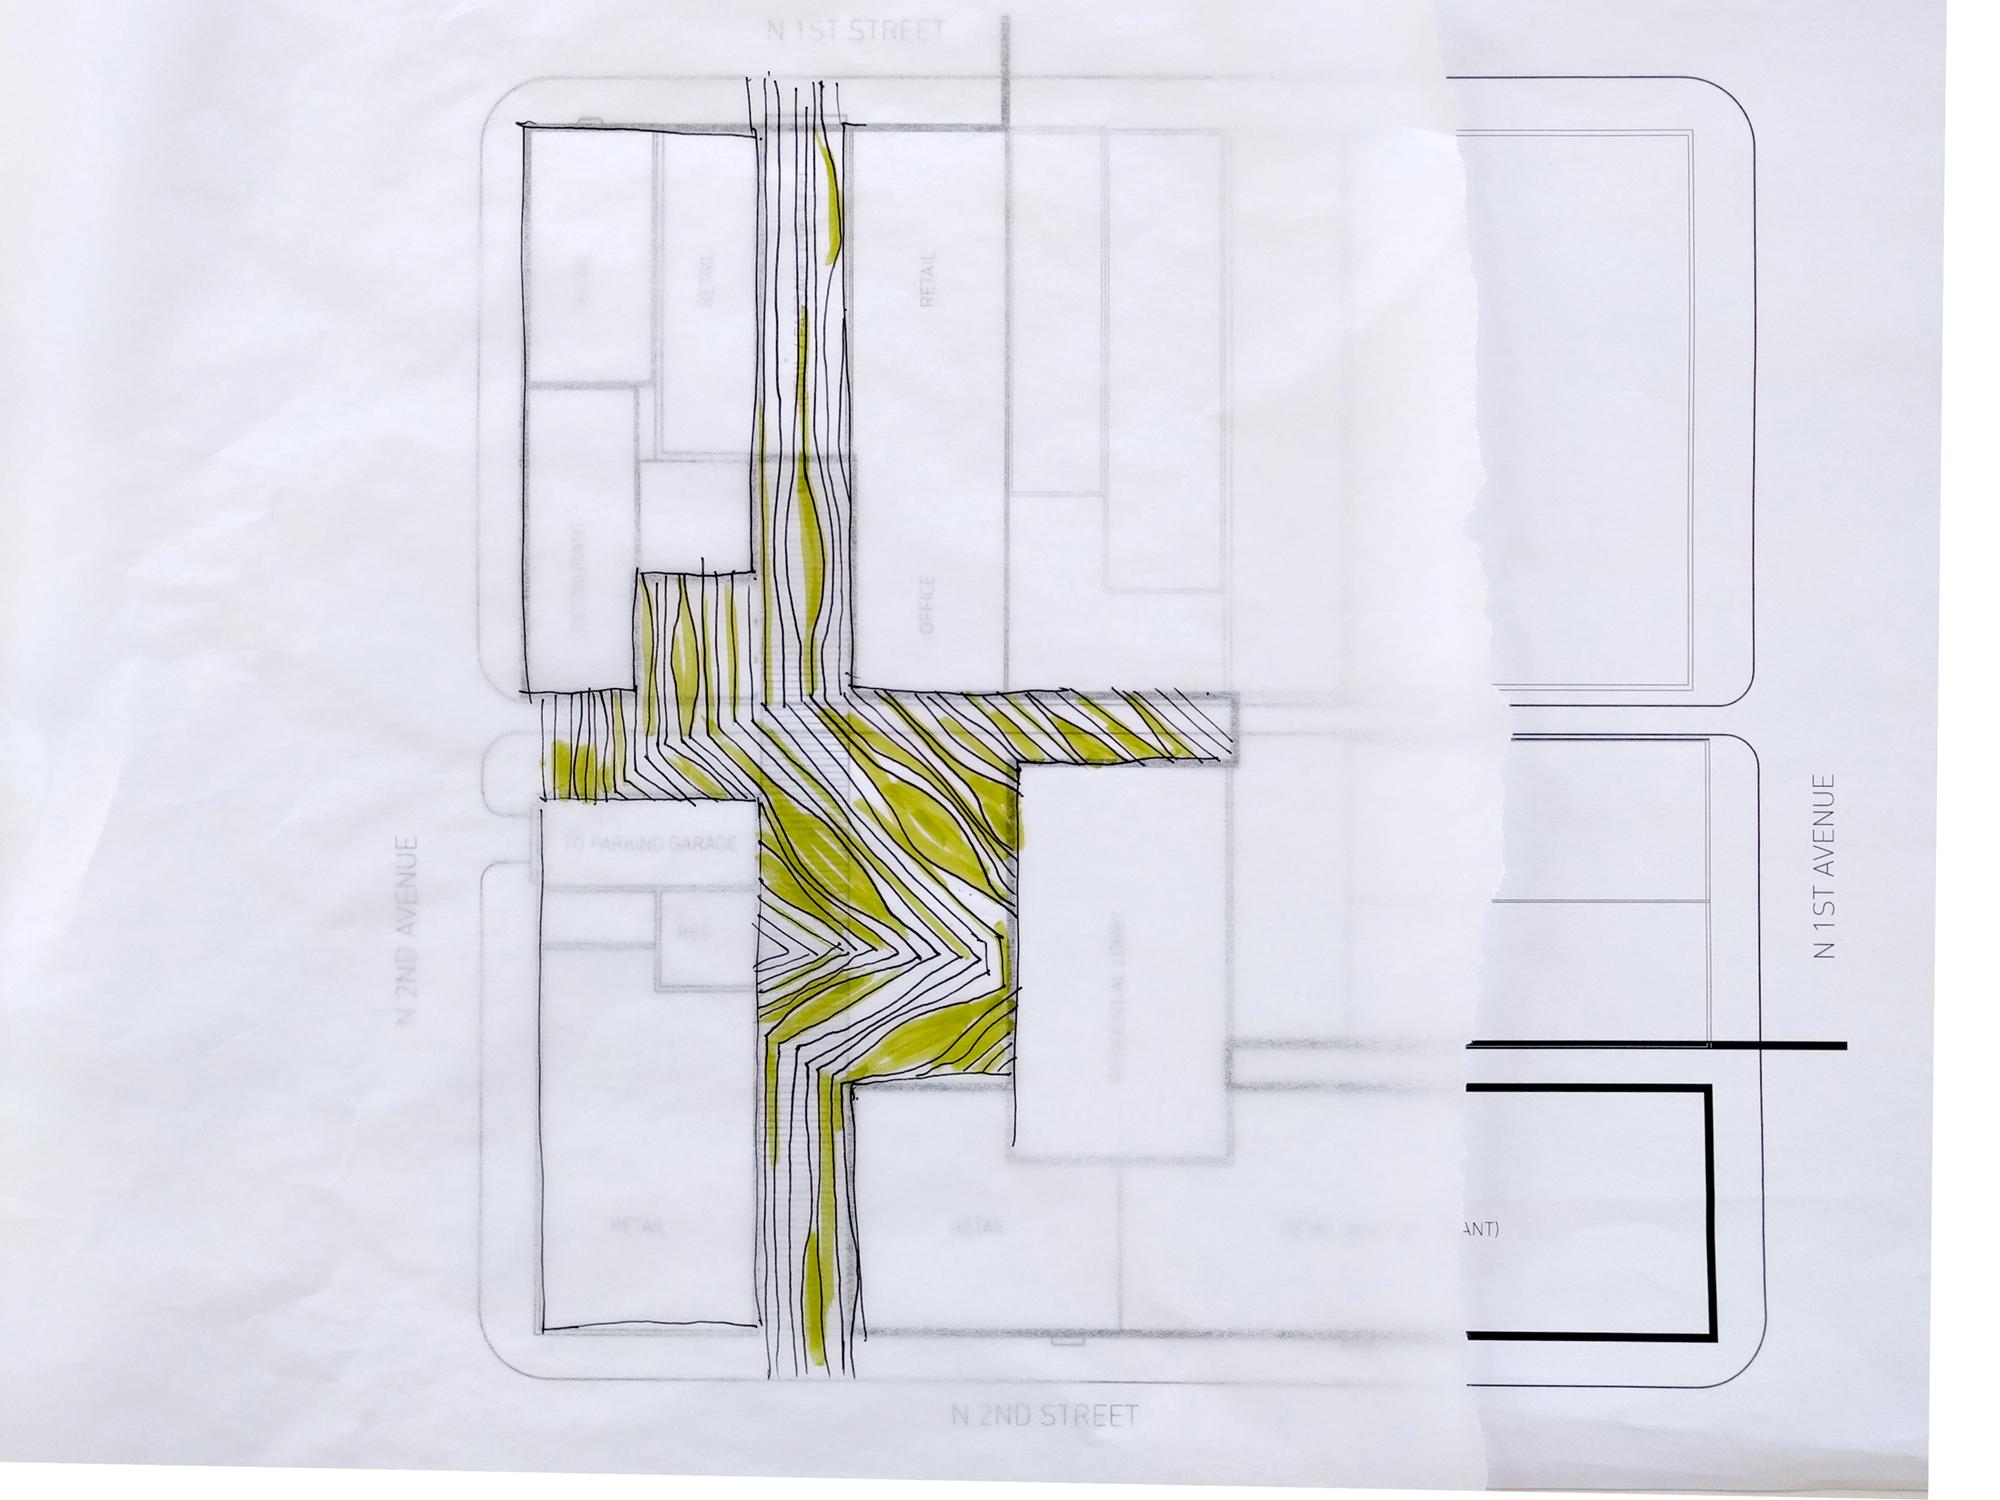 2_PLAN DIAG-02.jpg